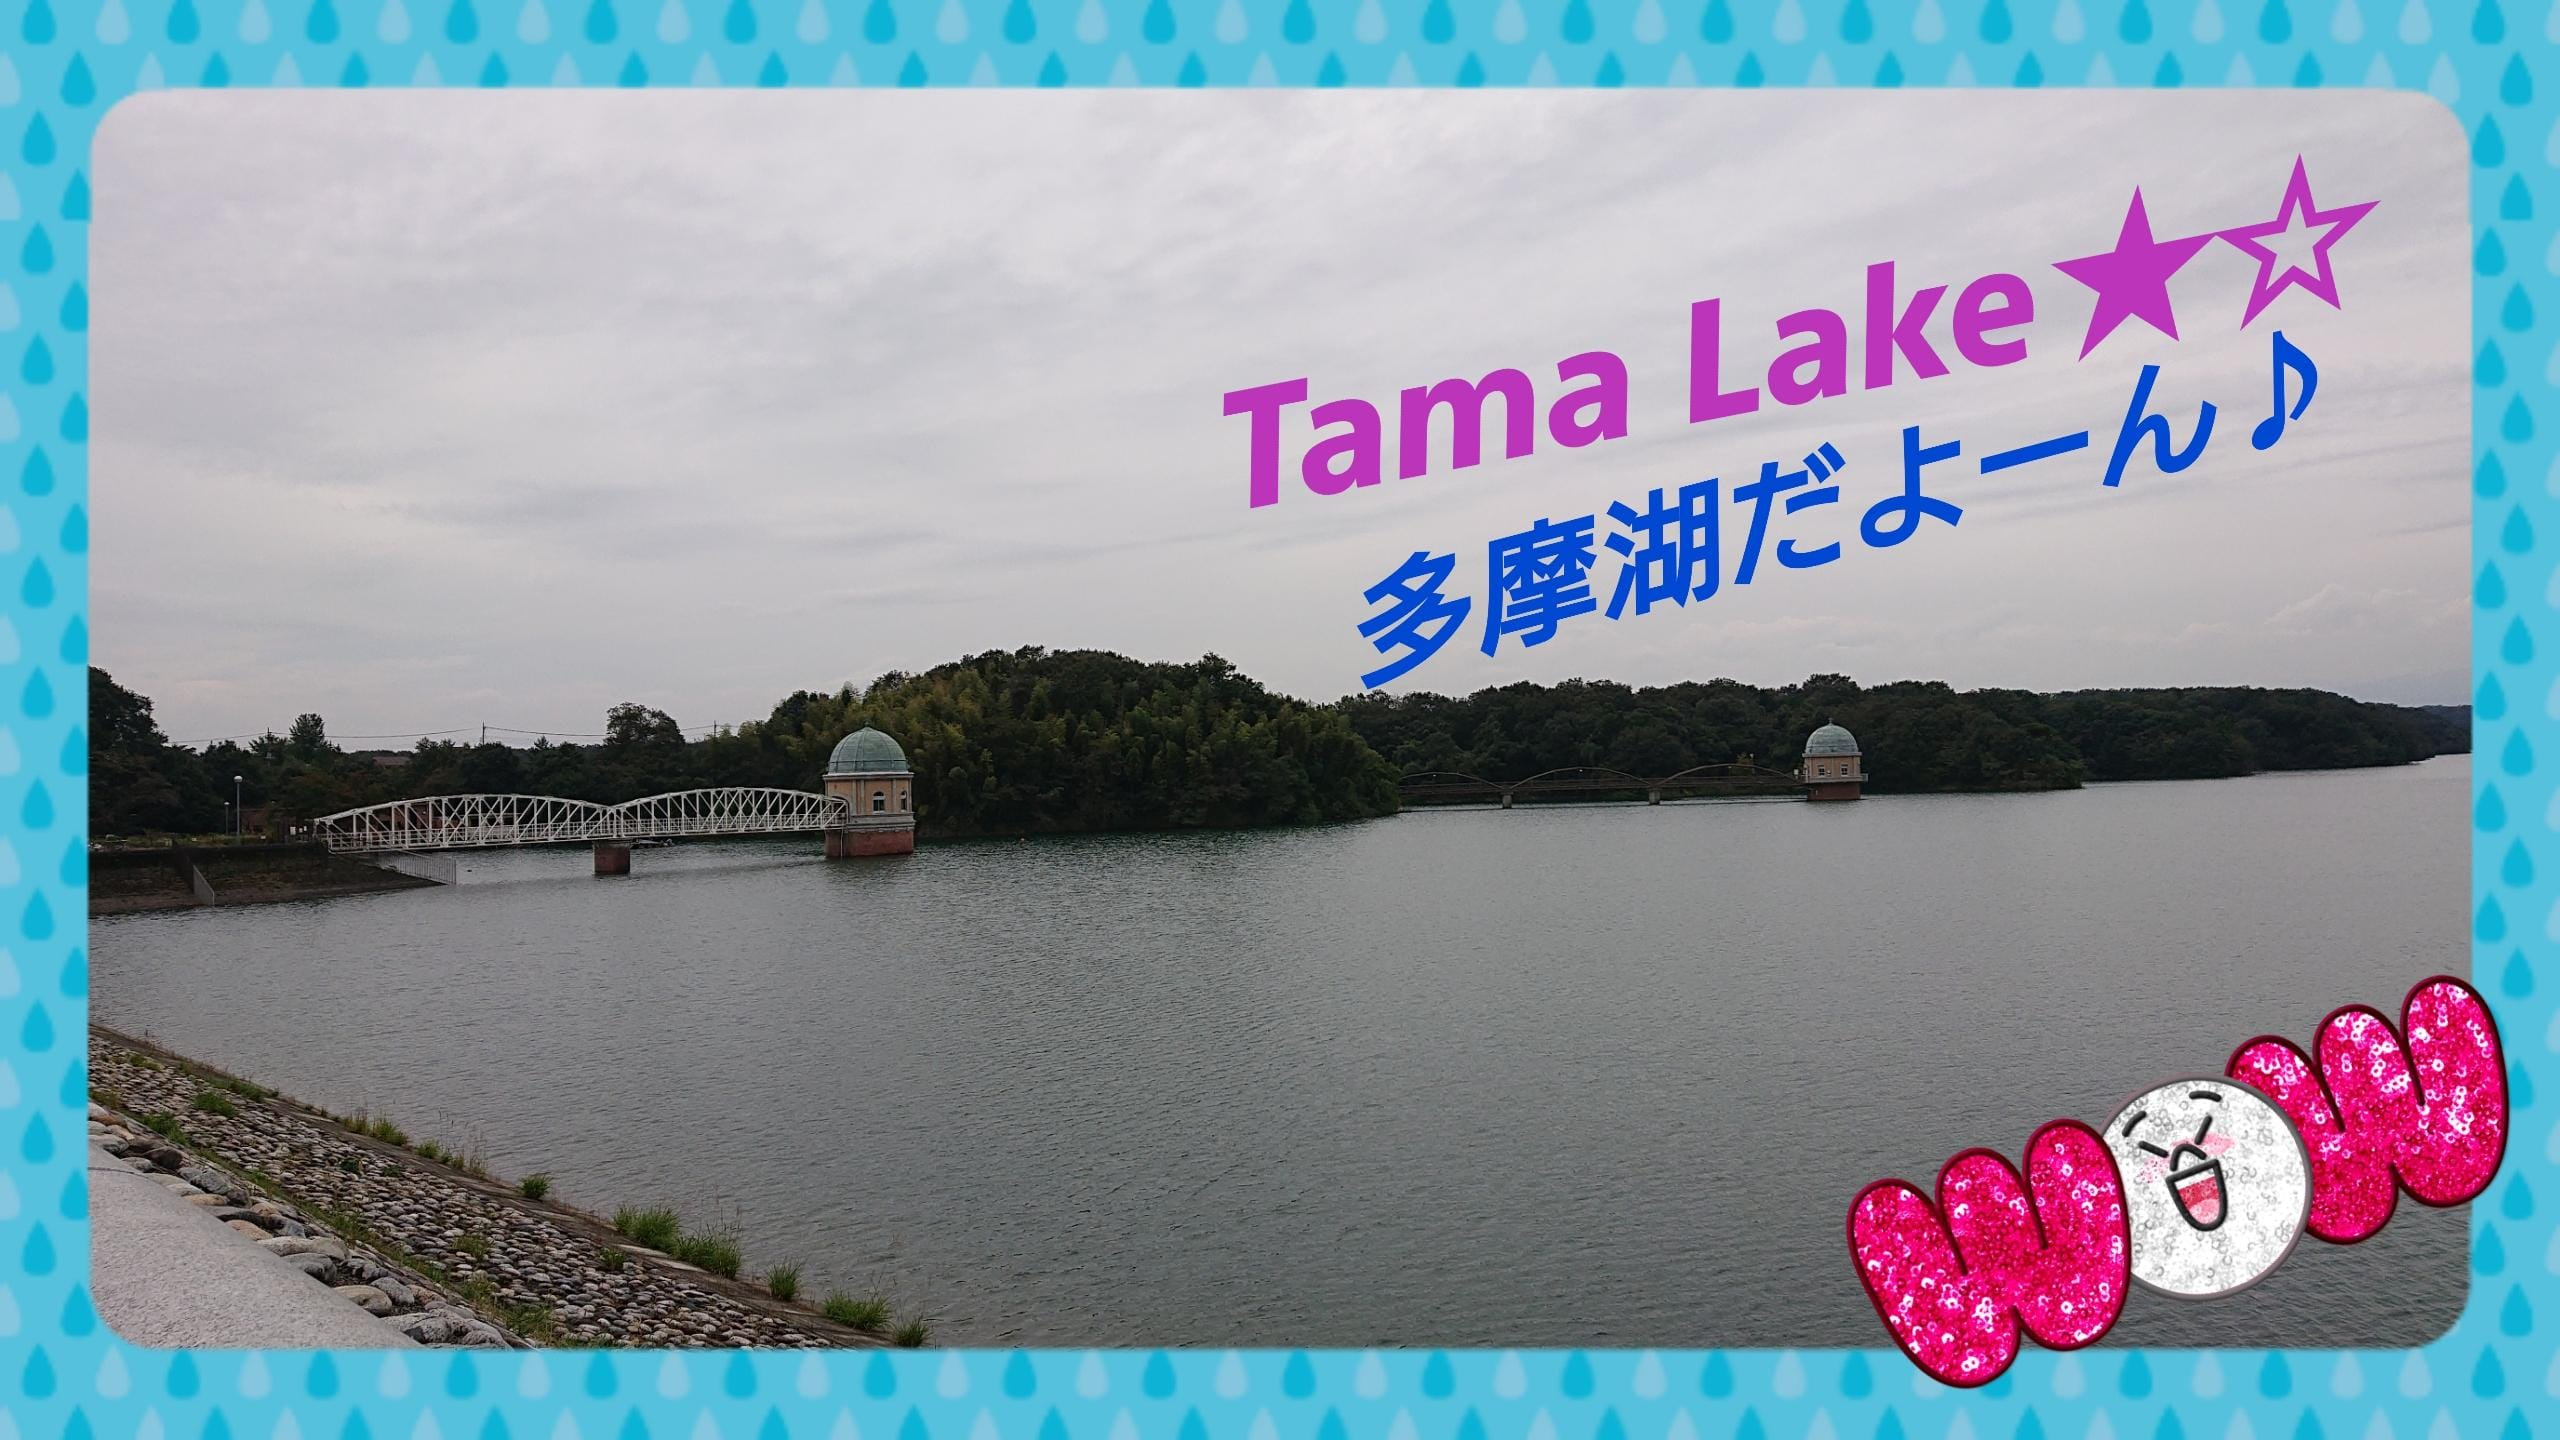 ゆうな「ゆうな散歩(*´∀`)♪」10/17(水) 19:05   ゆうなの写メ・風俗動画